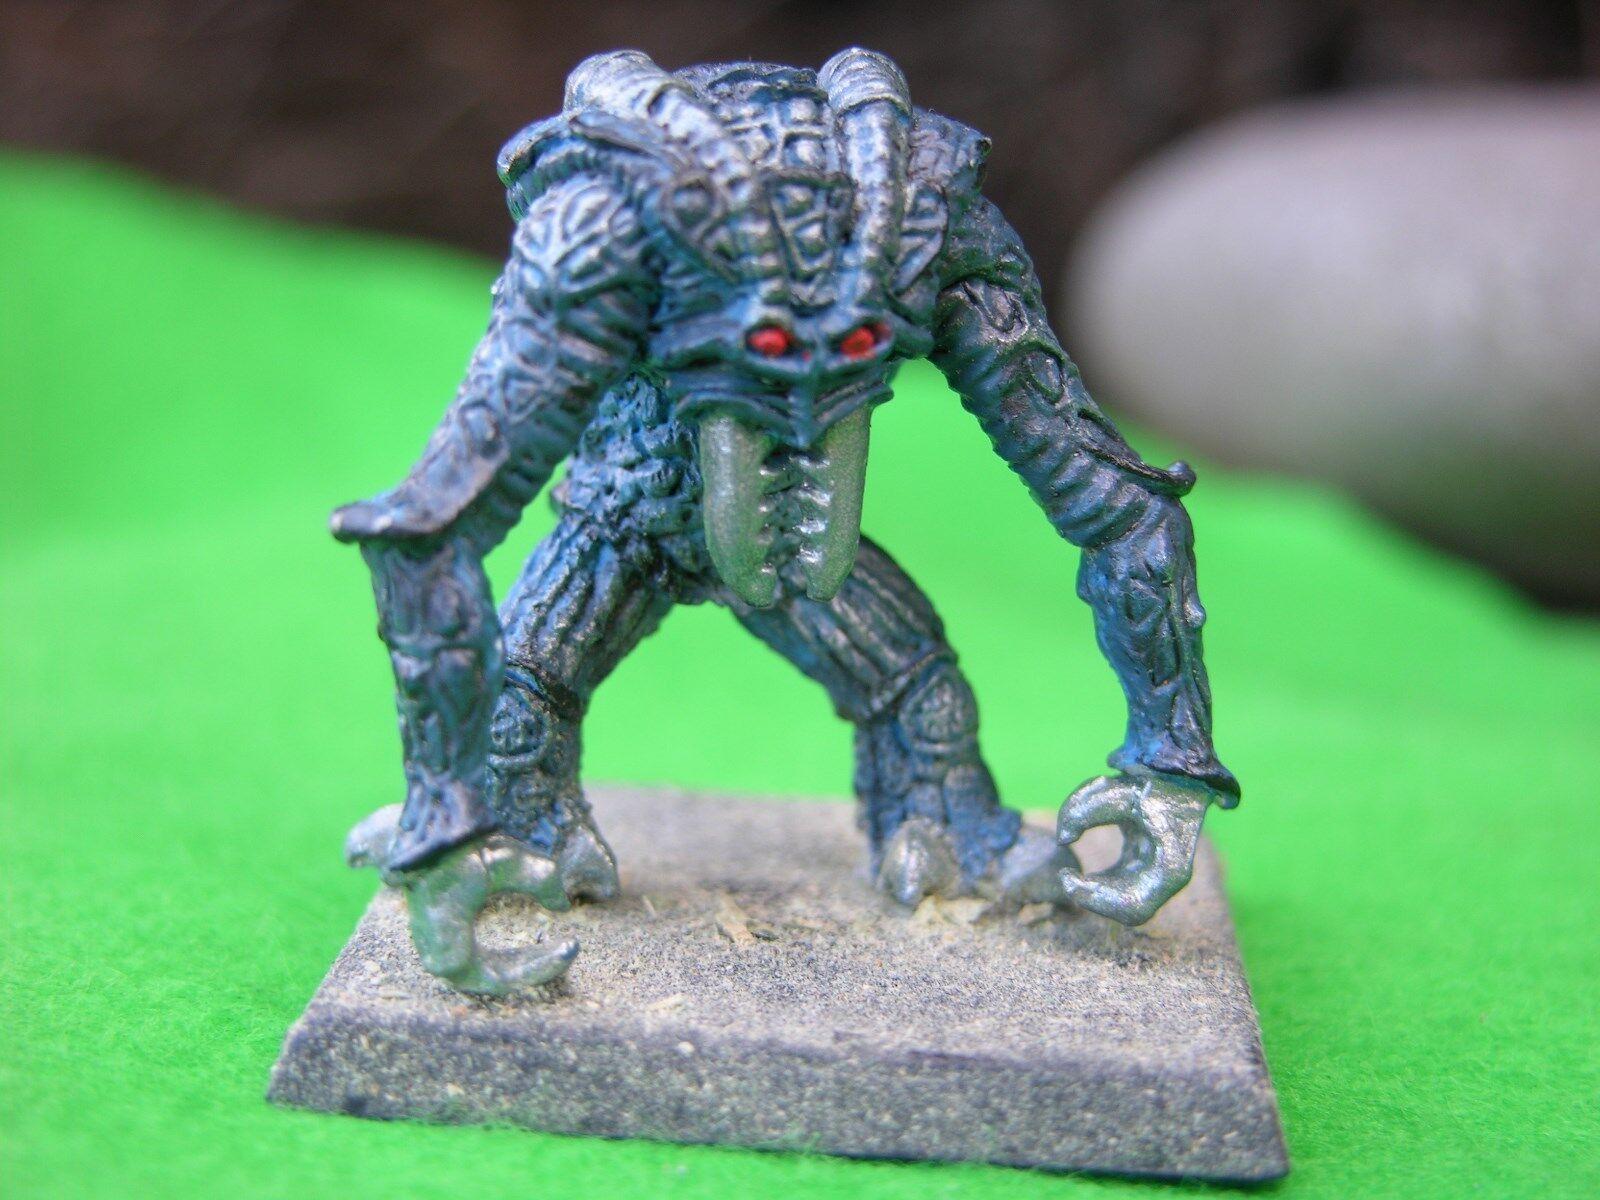 ventas de salida Cthulhu Rpg ,Demonic ,Demonic ,Demonic Criatura, Pintado  el precio más bajo